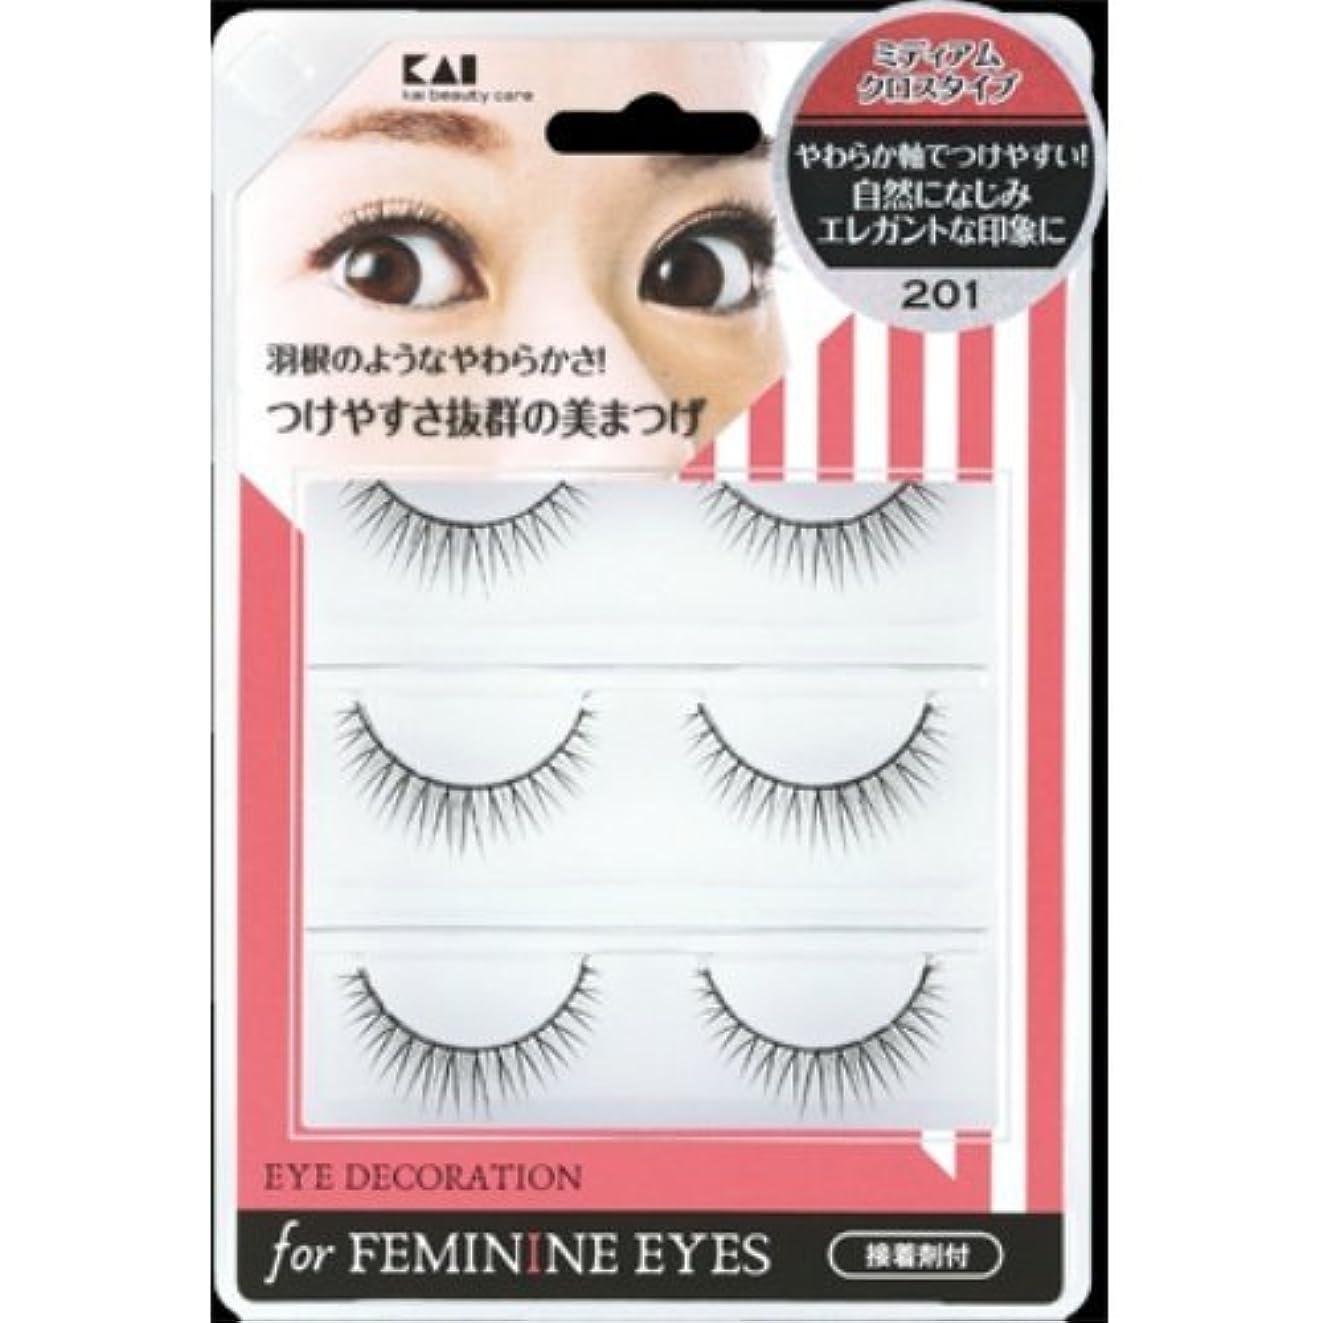 永遠の奇跡知り合いになる貝印 アイデコレーション for feminine eyes 201 HC1558